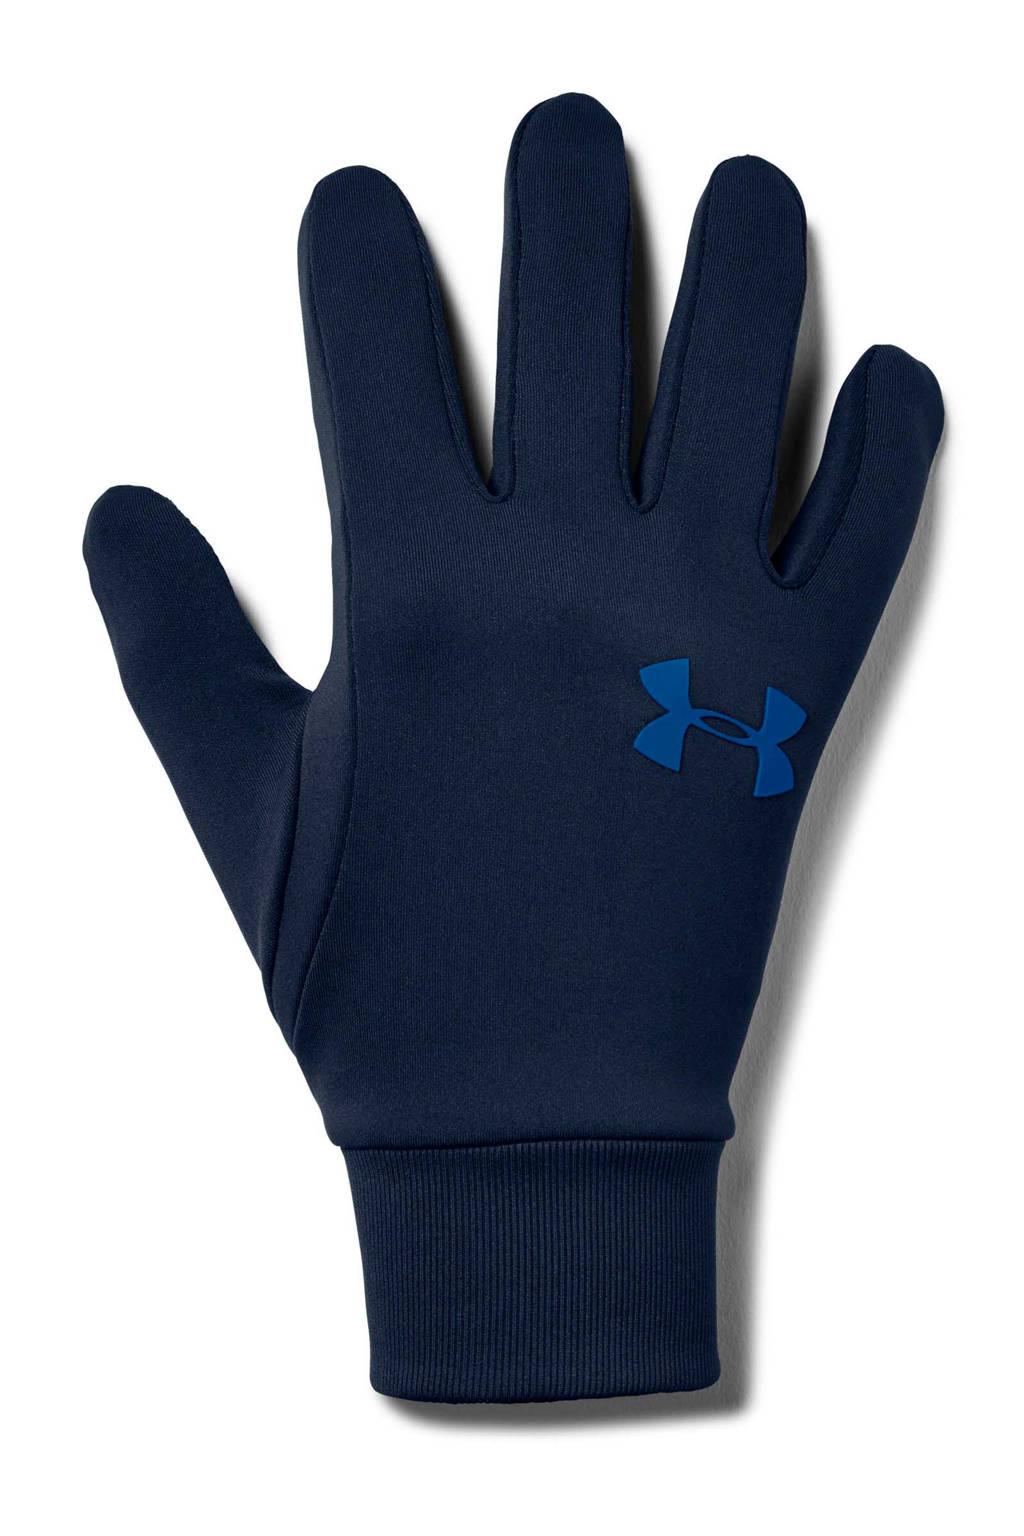 Under Armour   hardloop handschoenen donkerblauw, Donkerblauw